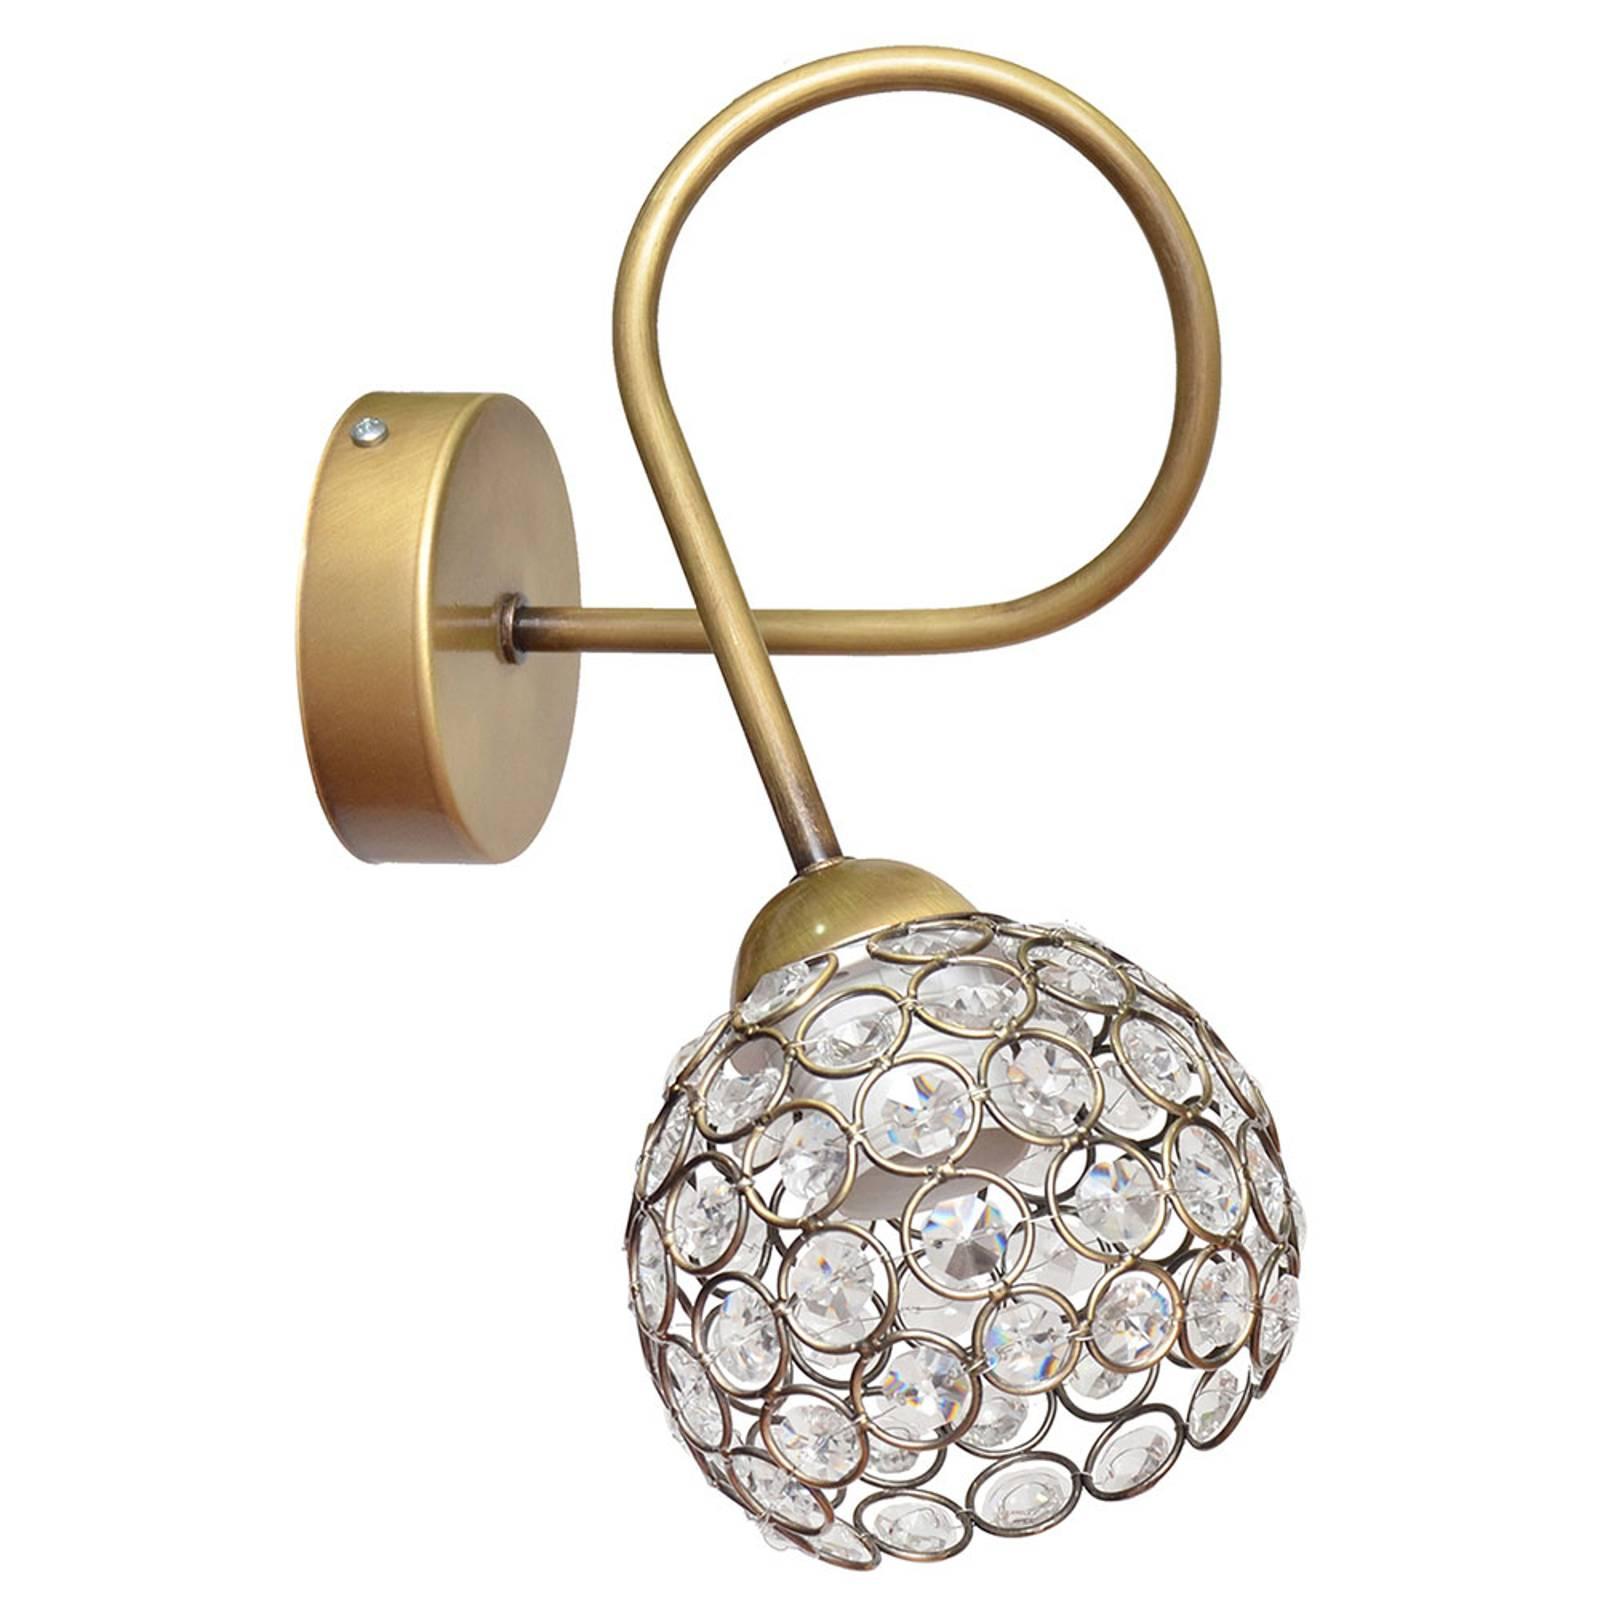 Seinävalaisin Oxford, kulta, kristalli